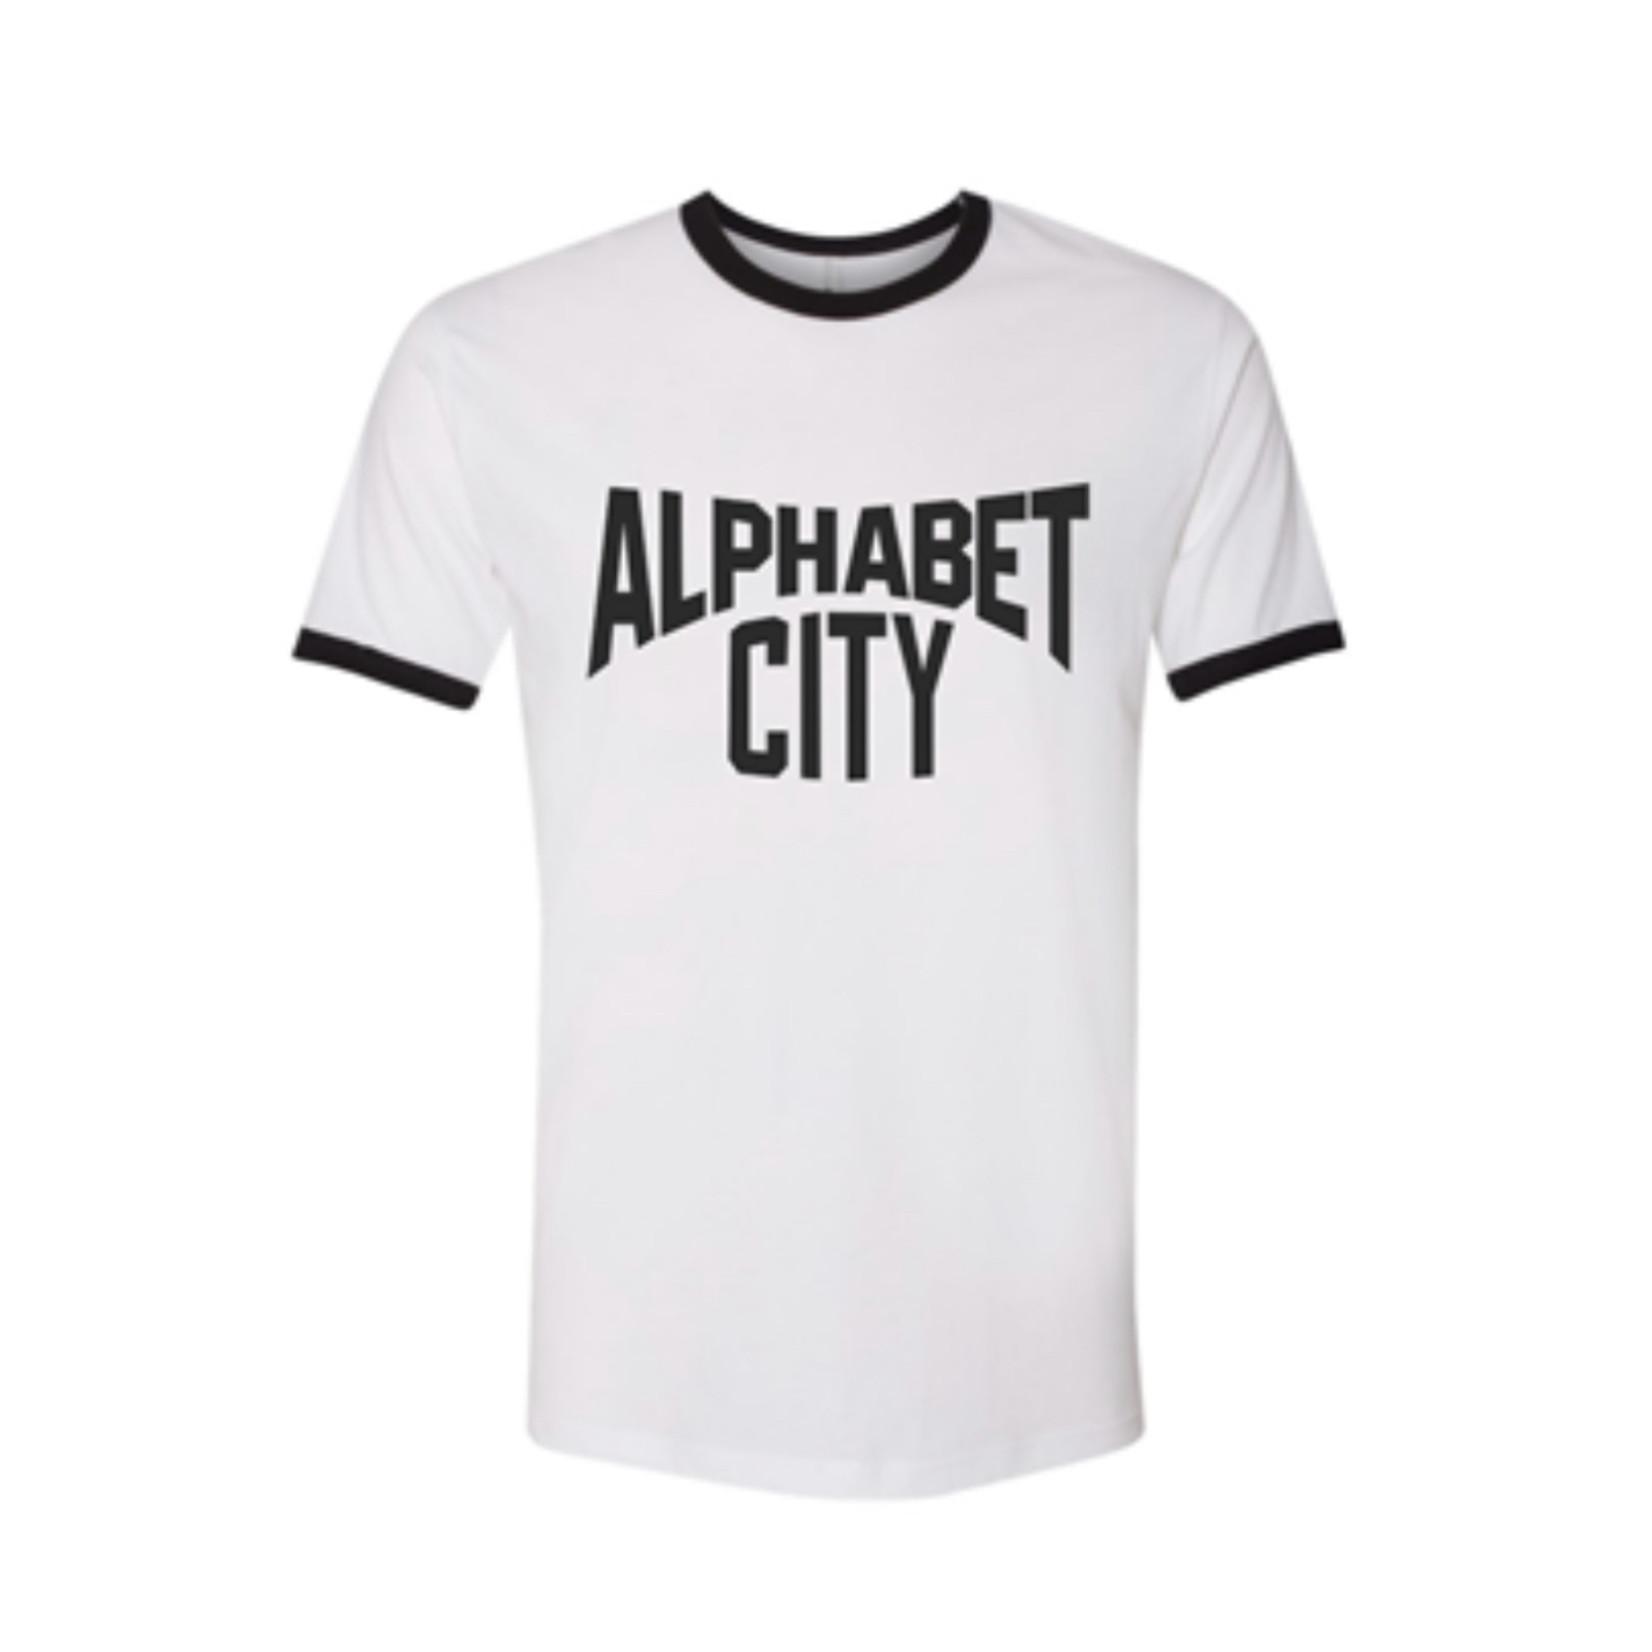 Exit9 Gift Emporium Alphabet City T-Shirt in White/Black